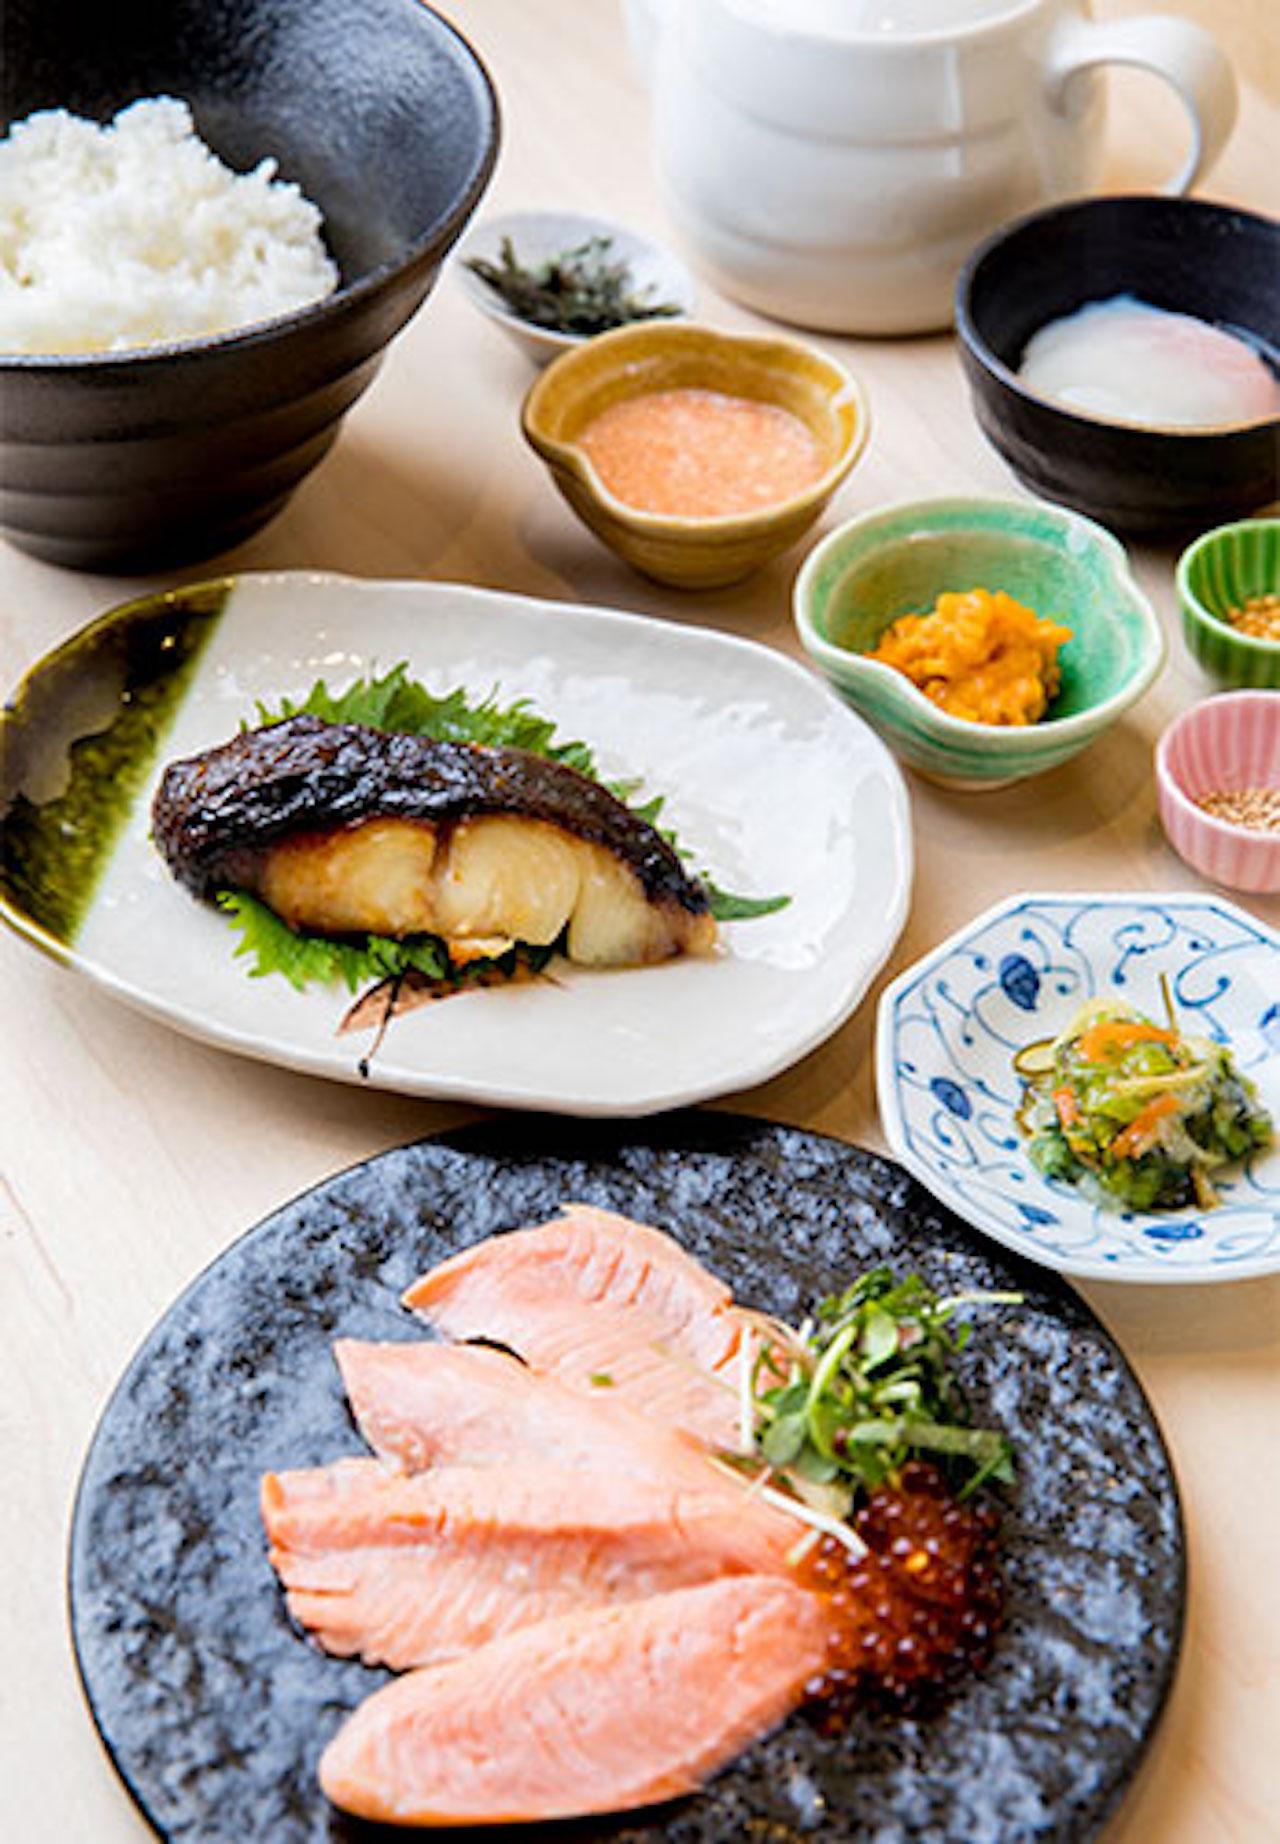 炙りサーモンとイクラのだし茶漬け かれいの西京焼き1800円。セットメニューのだしはとろみのついた湯葉あん。ごはんはおかわり自由